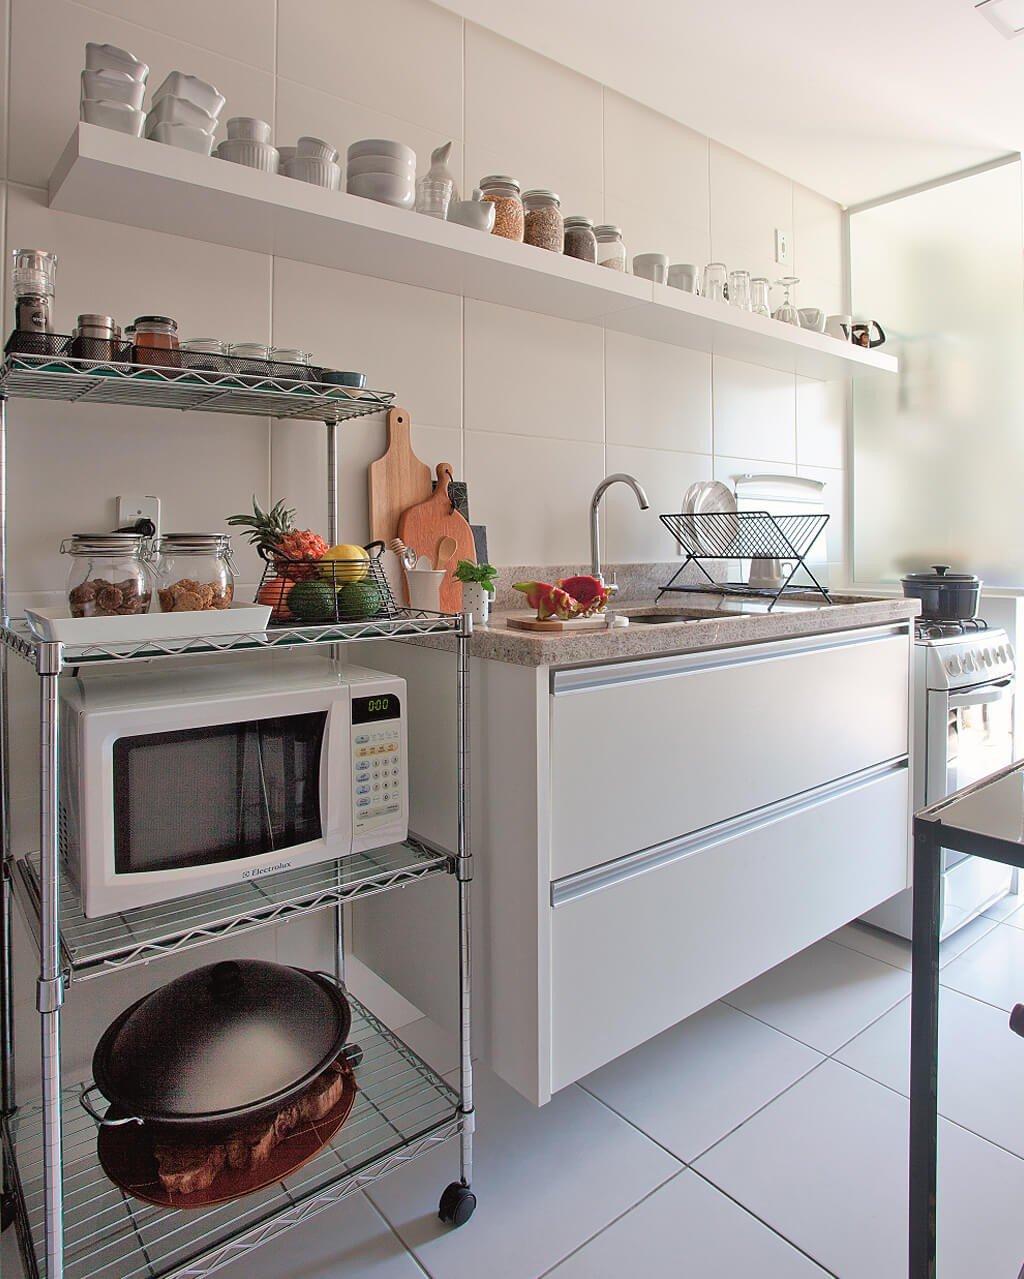 Cozinha Decorada Simples Moderna